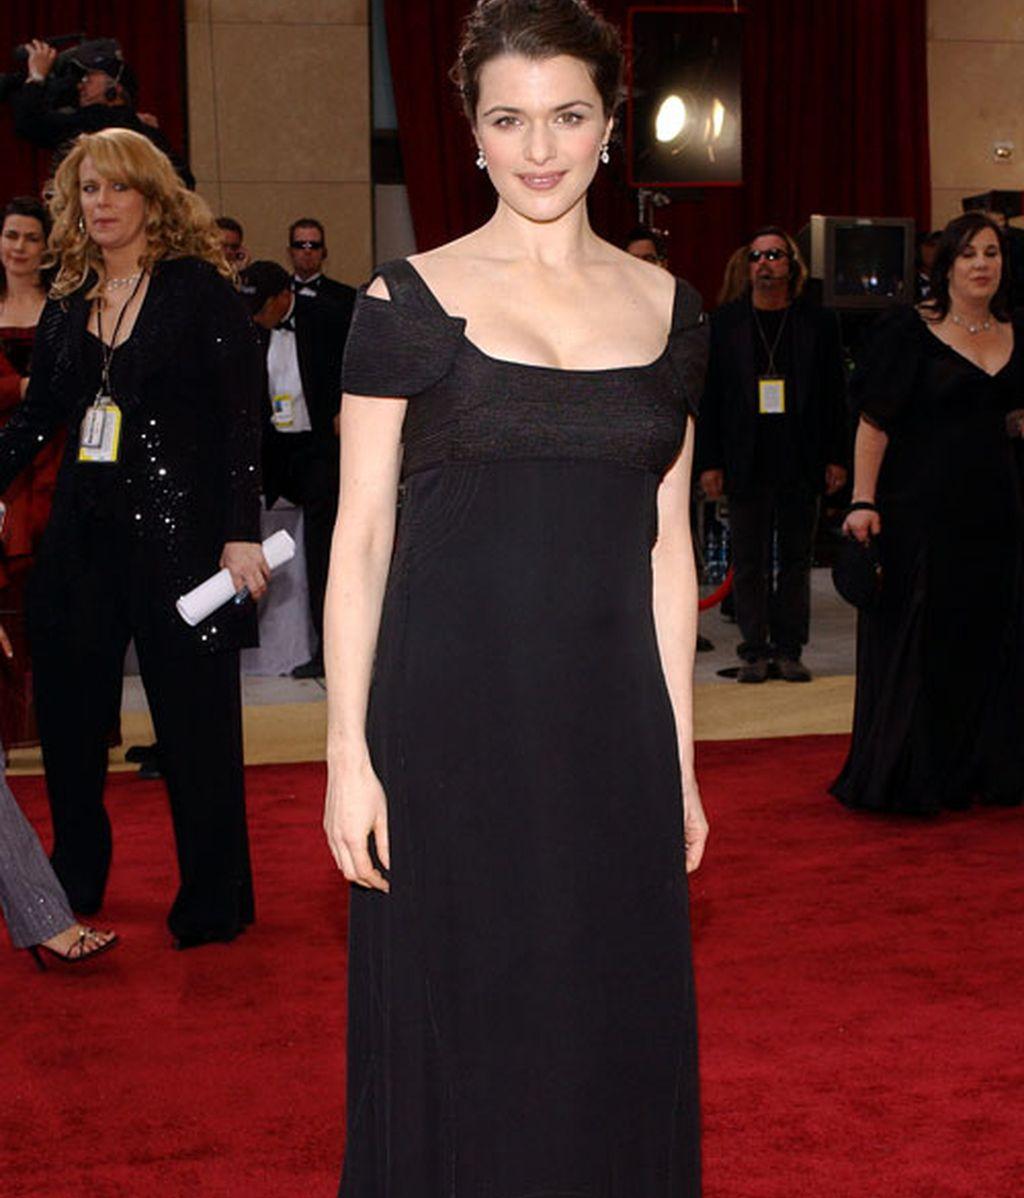 Consejos para que Natalie Portman luzca su barriga en la gala de los Oscar